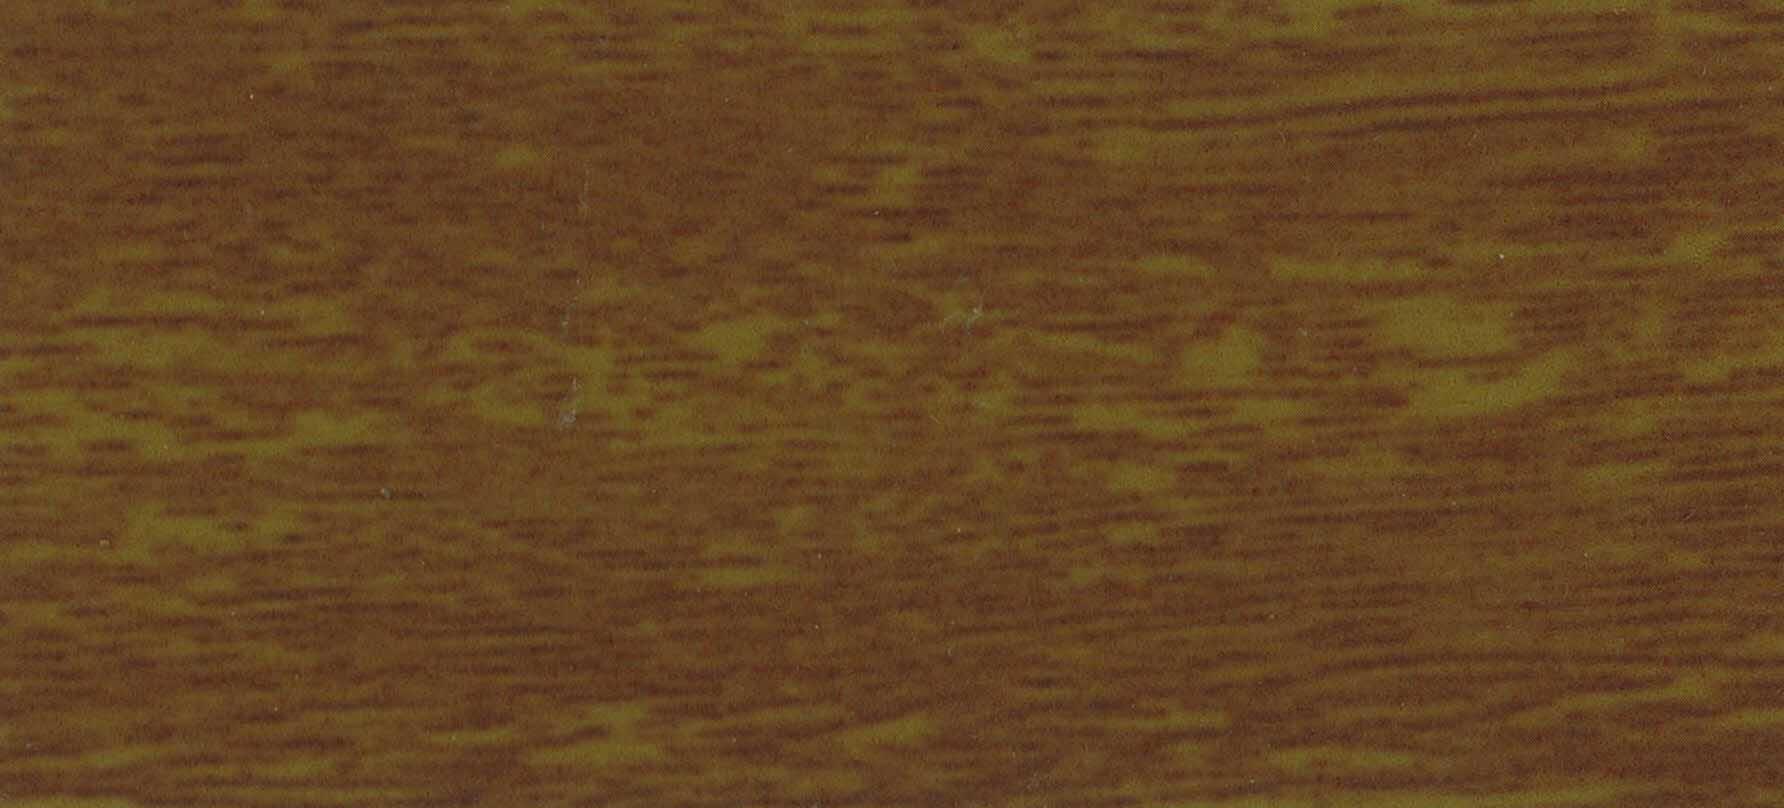 maderas sublimación S_005 - EMBERO ANDALUZ TEXTURADO